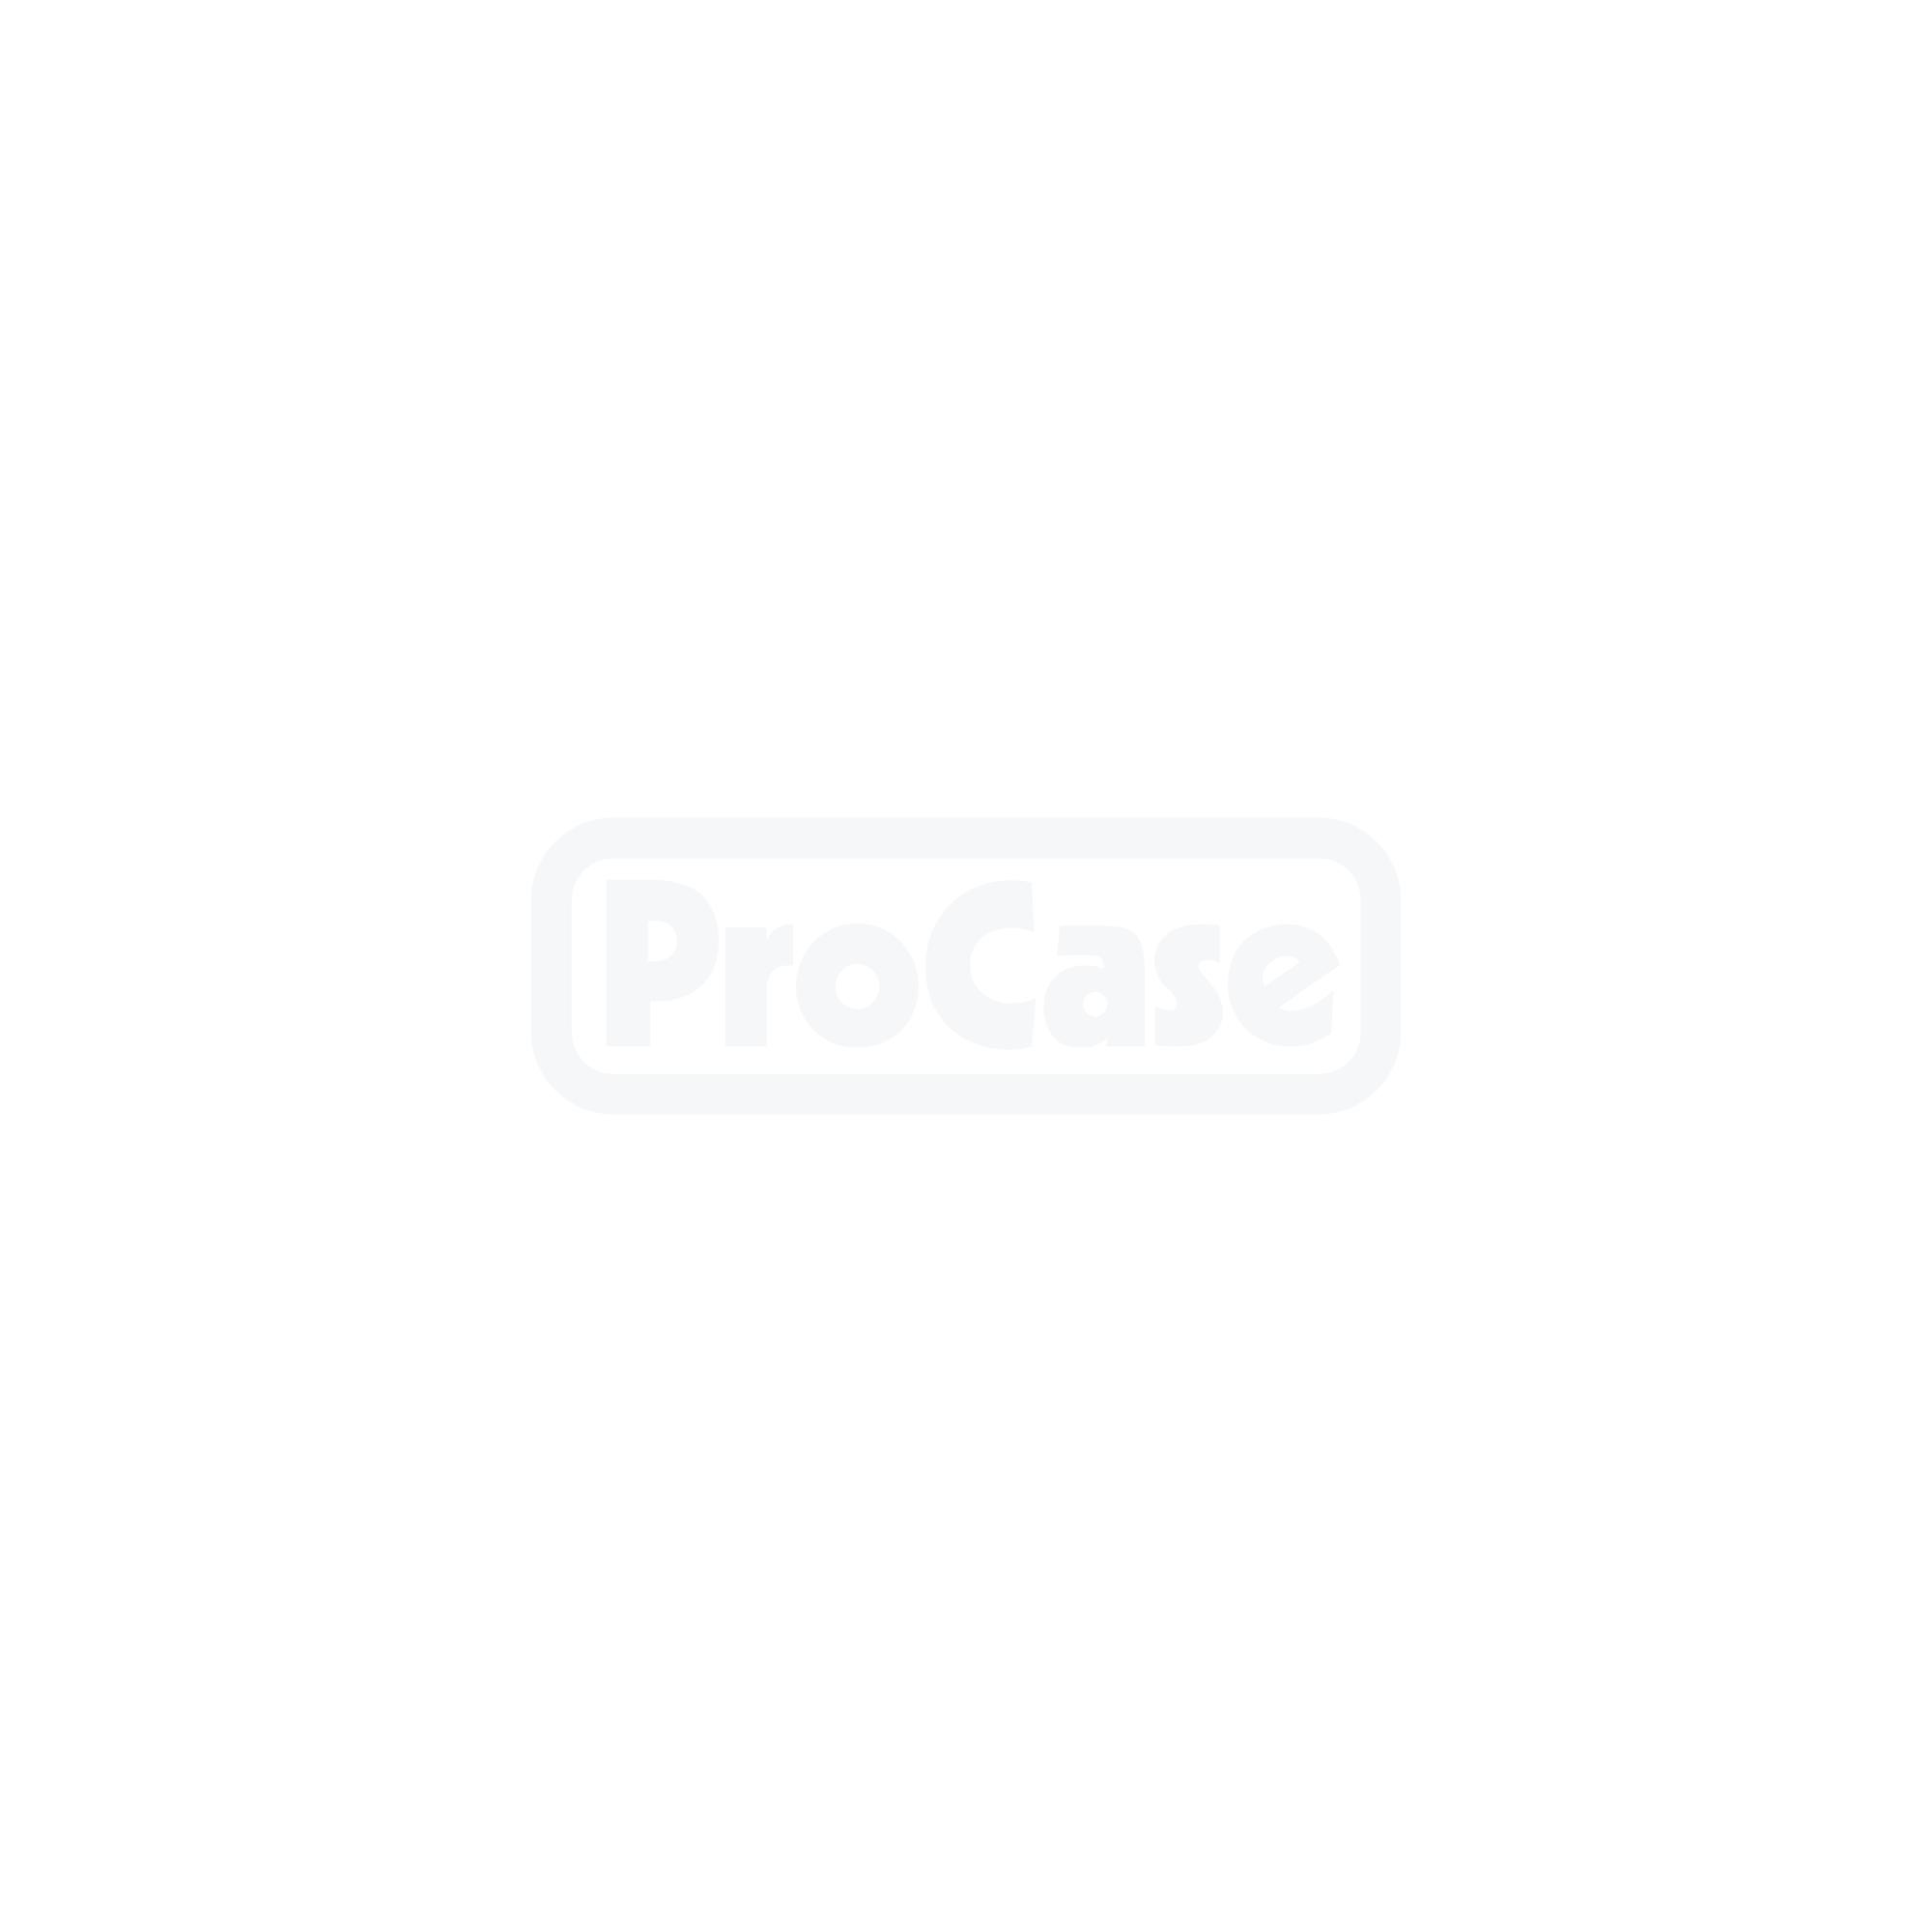 QSD Stack-Rack 6HE 800 tief 2